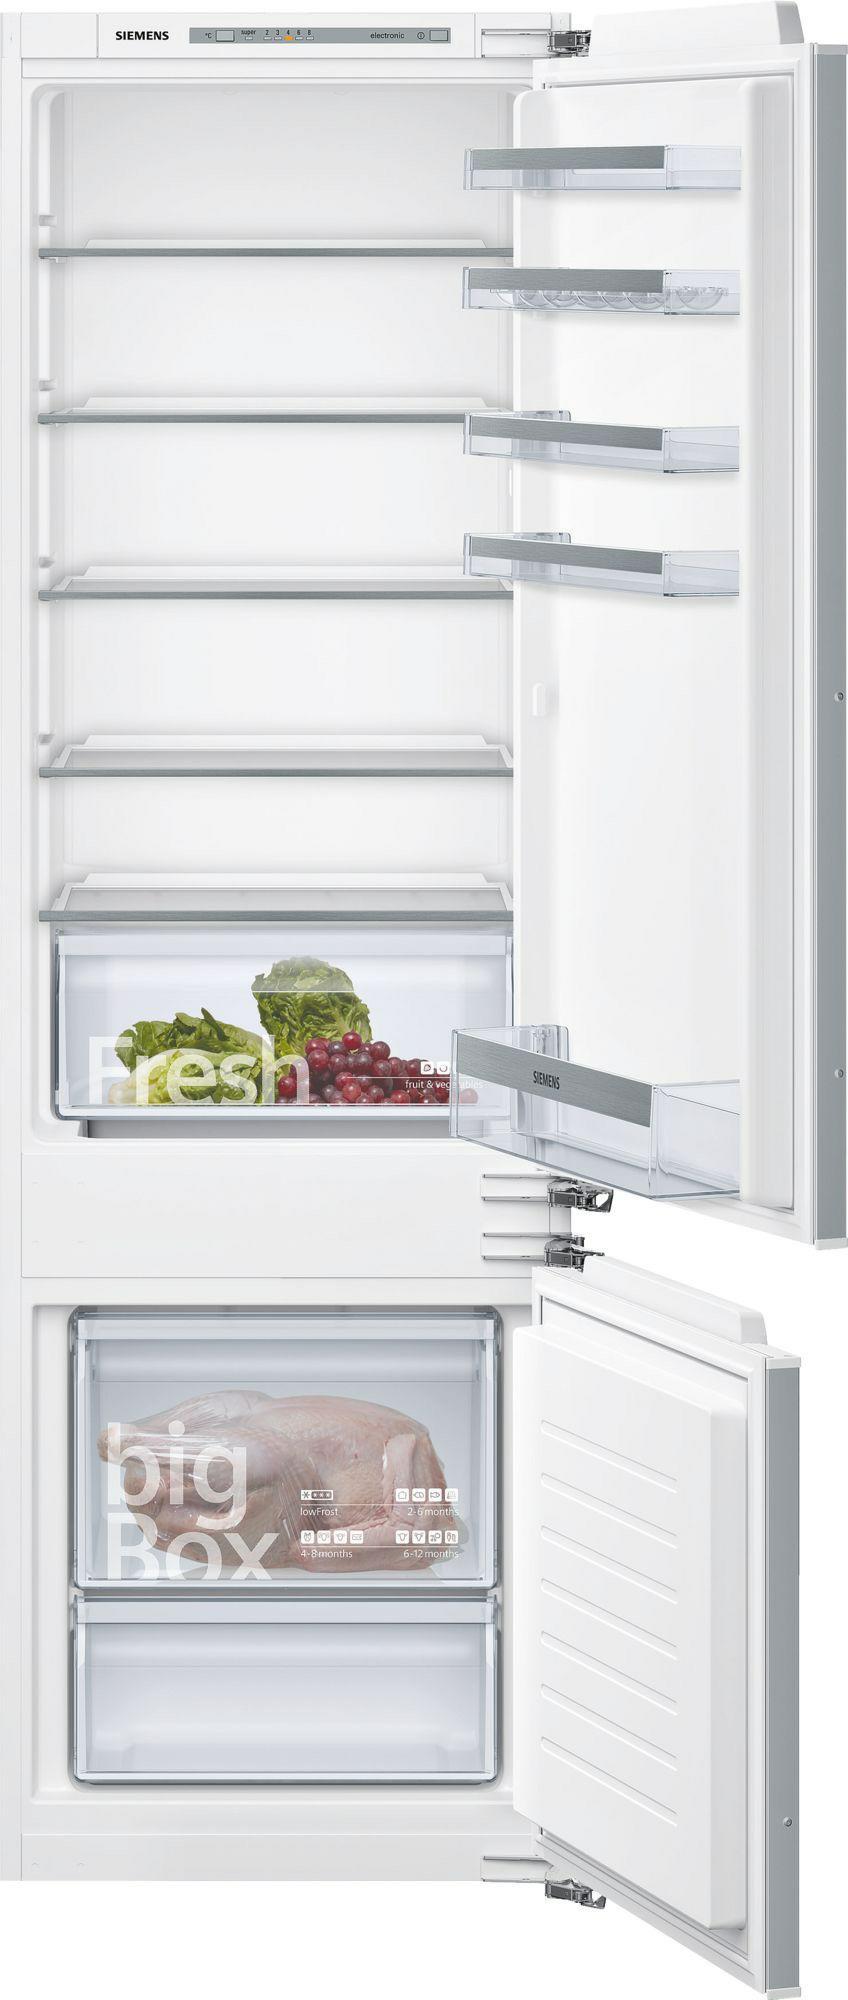 koelkast inbouw met vriesvak Siemens KI87VVF30 koelkast inbouw met vriesvak